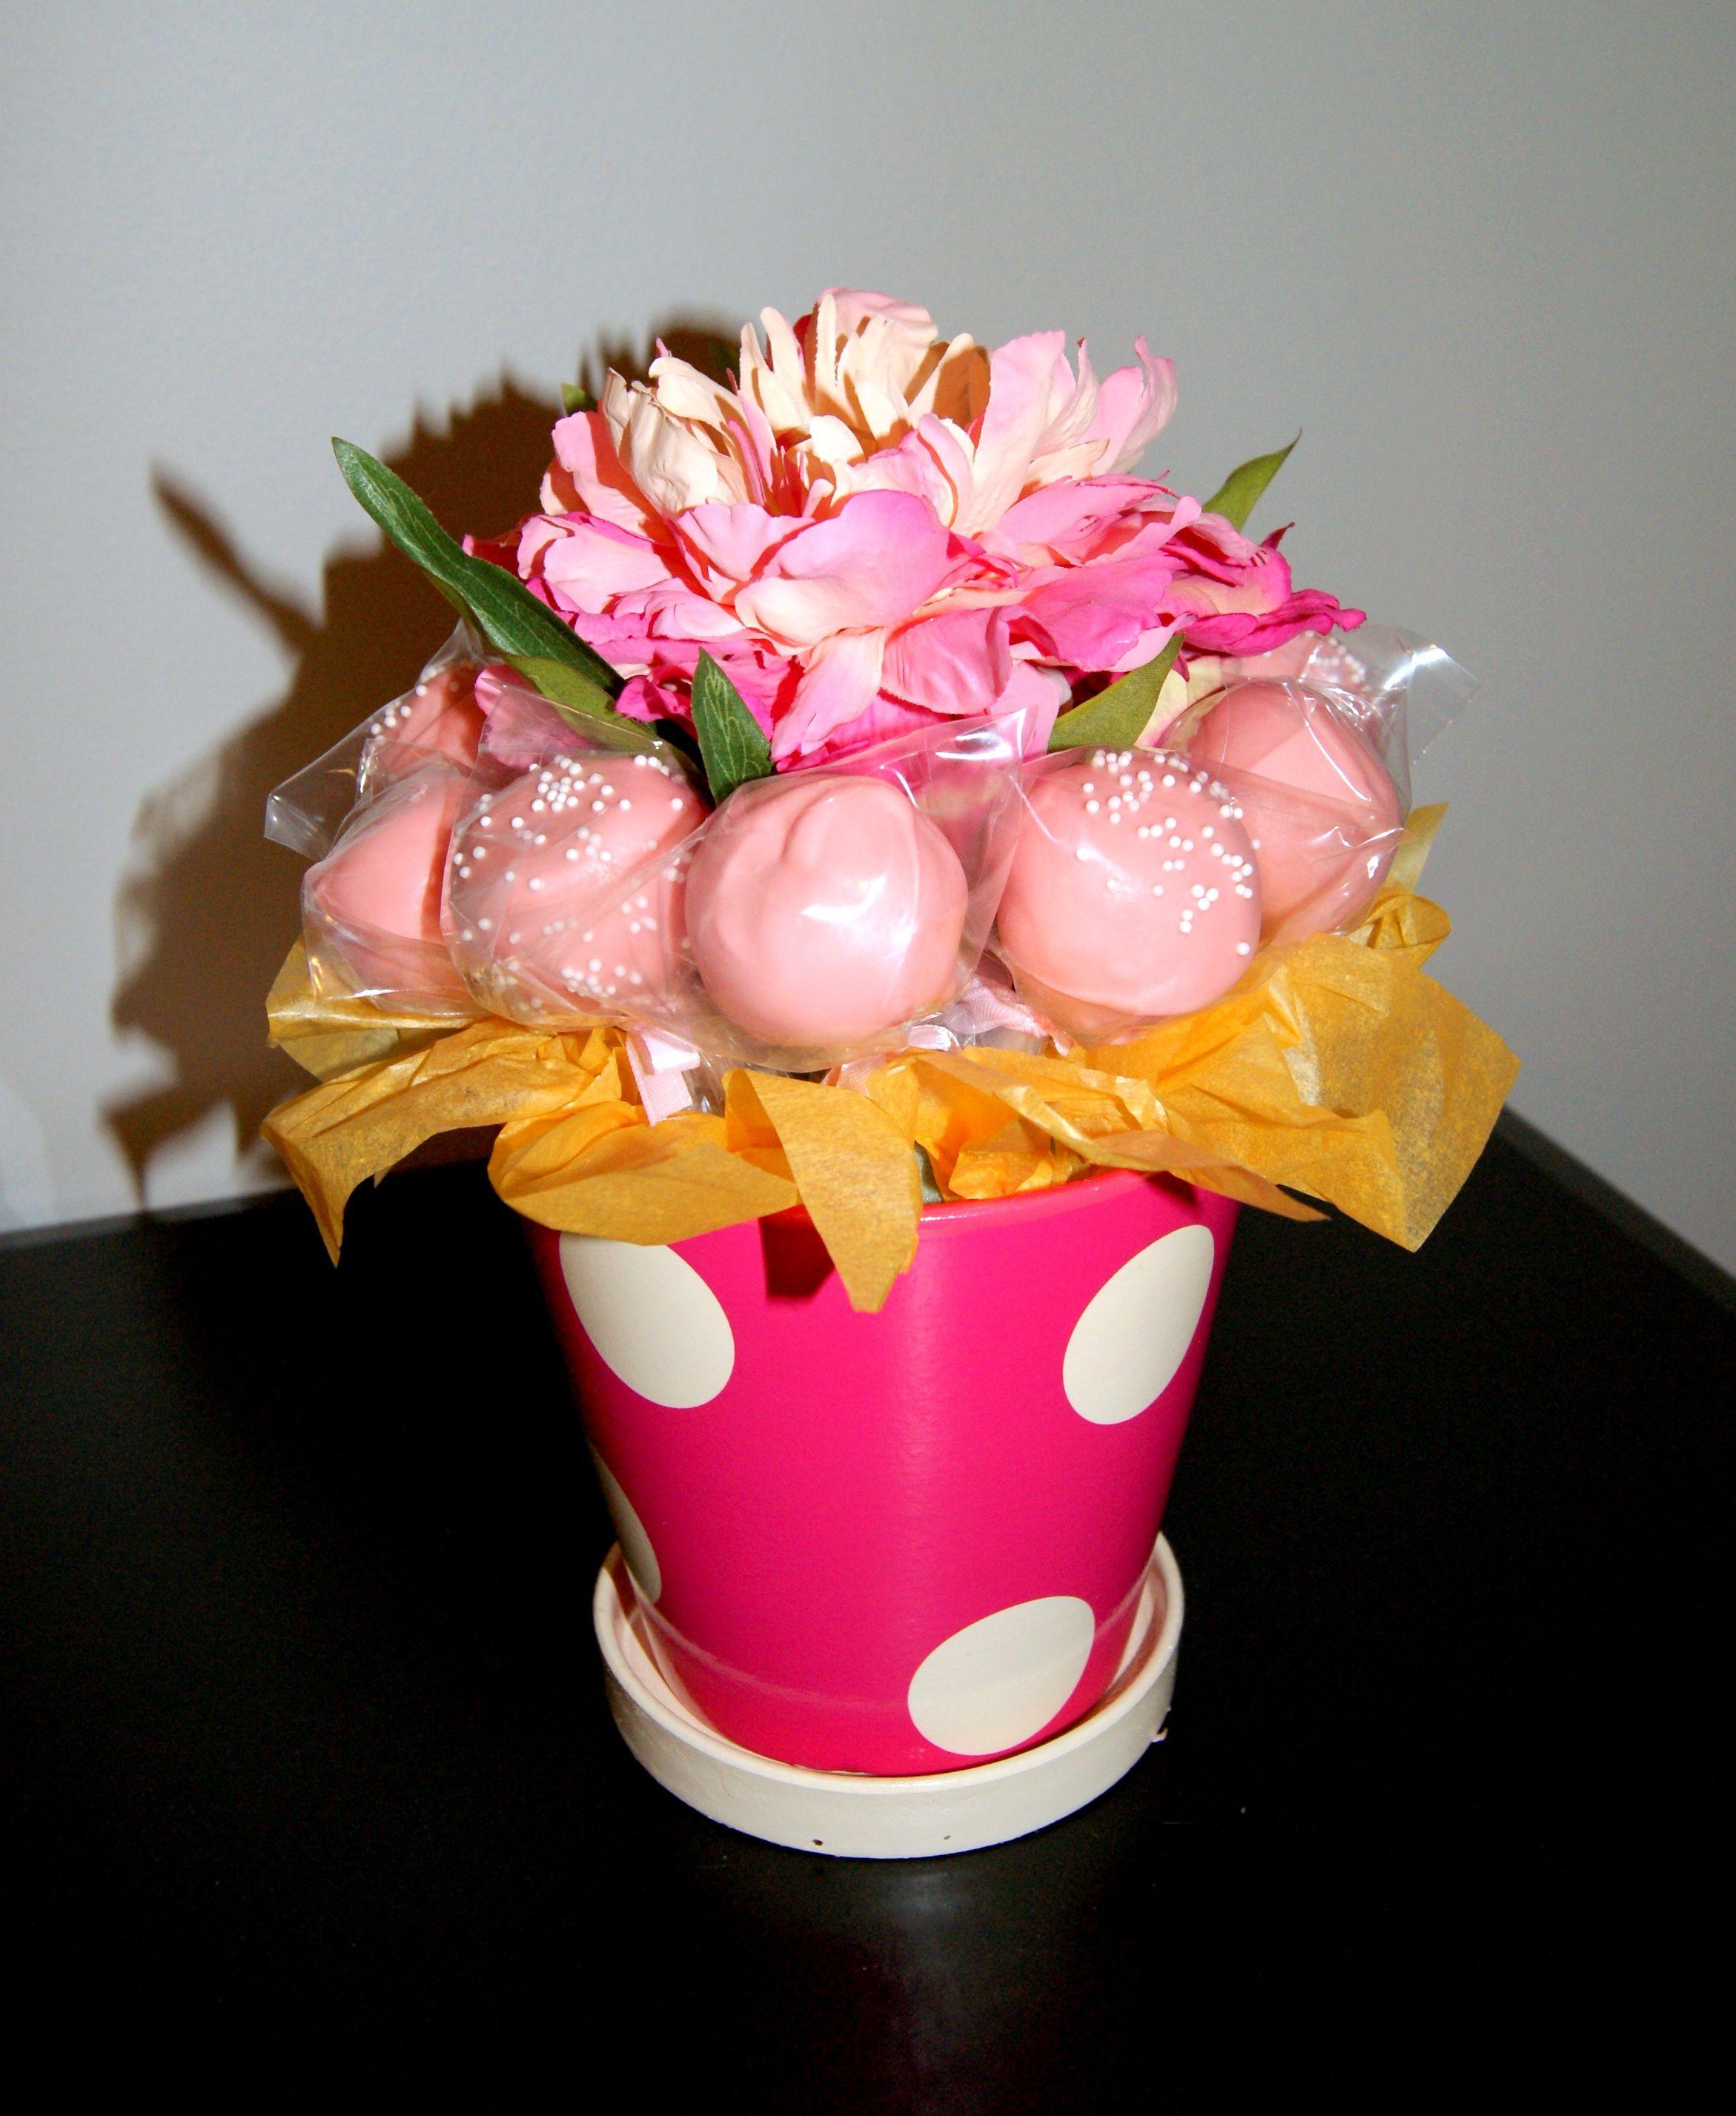 Cake Pop Flower Pot Recipes Pinterest Cake Pop Cake And Cake